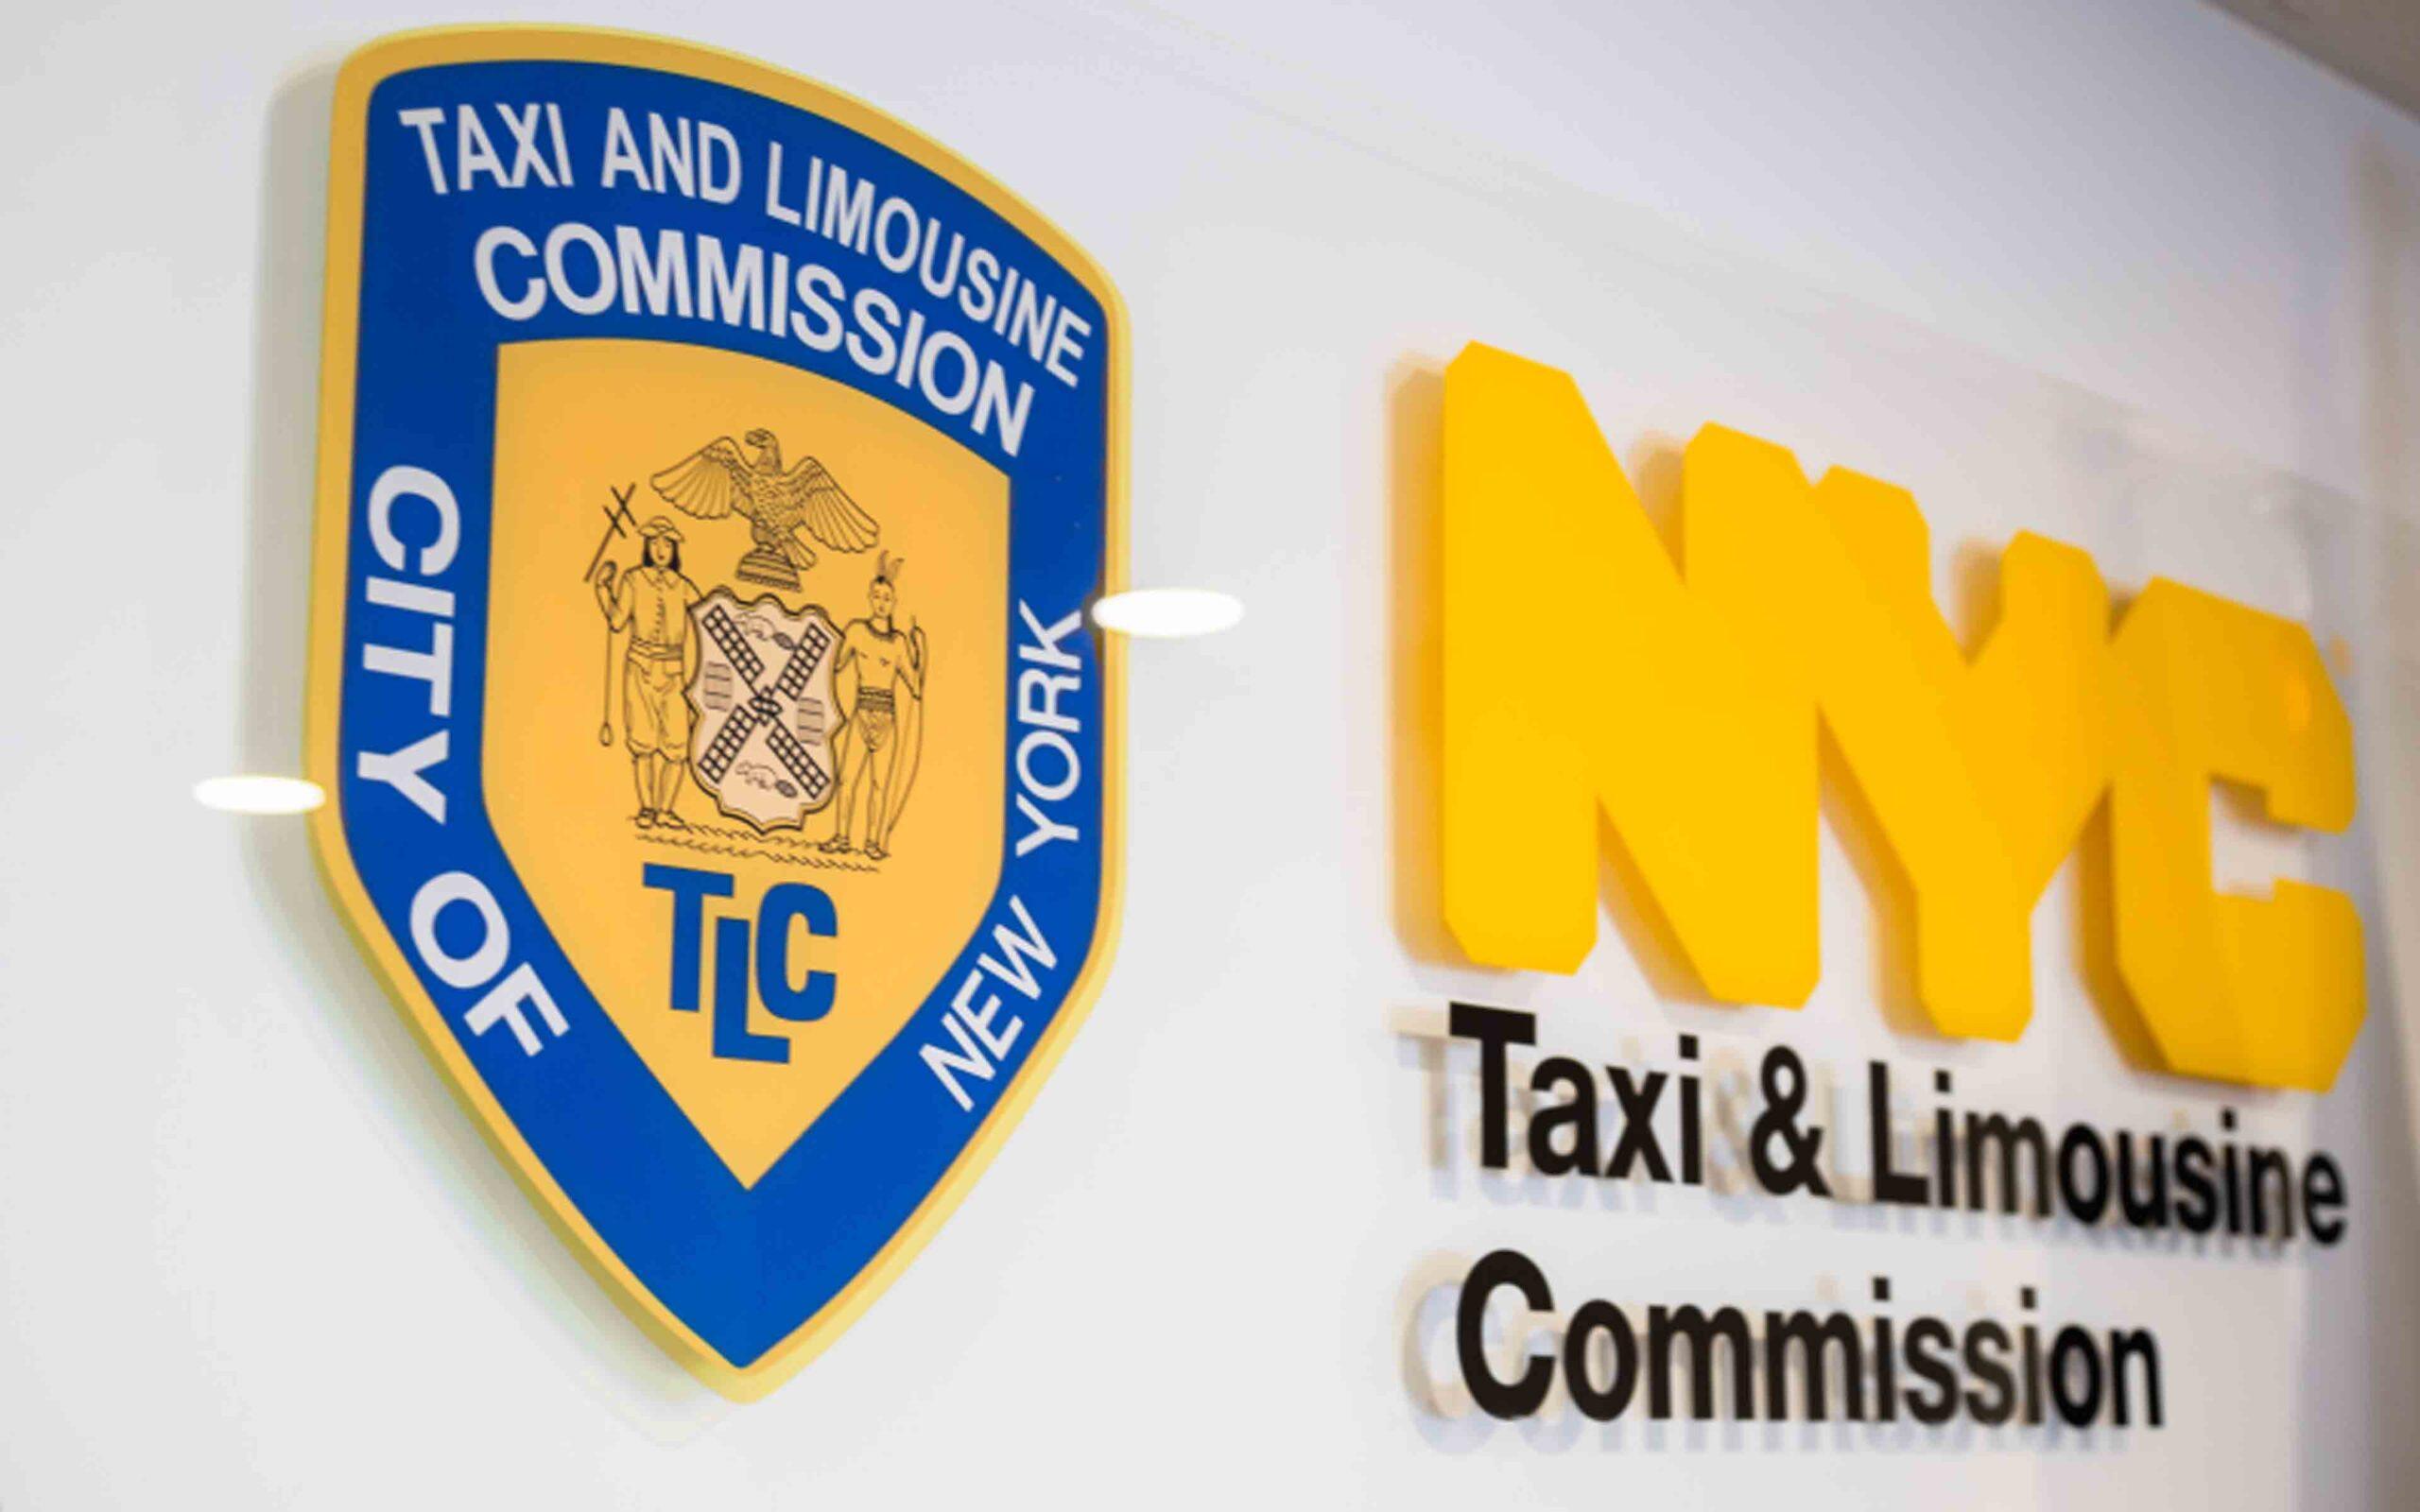 TLC presenta en Nueva York un nuevo data center para taxis